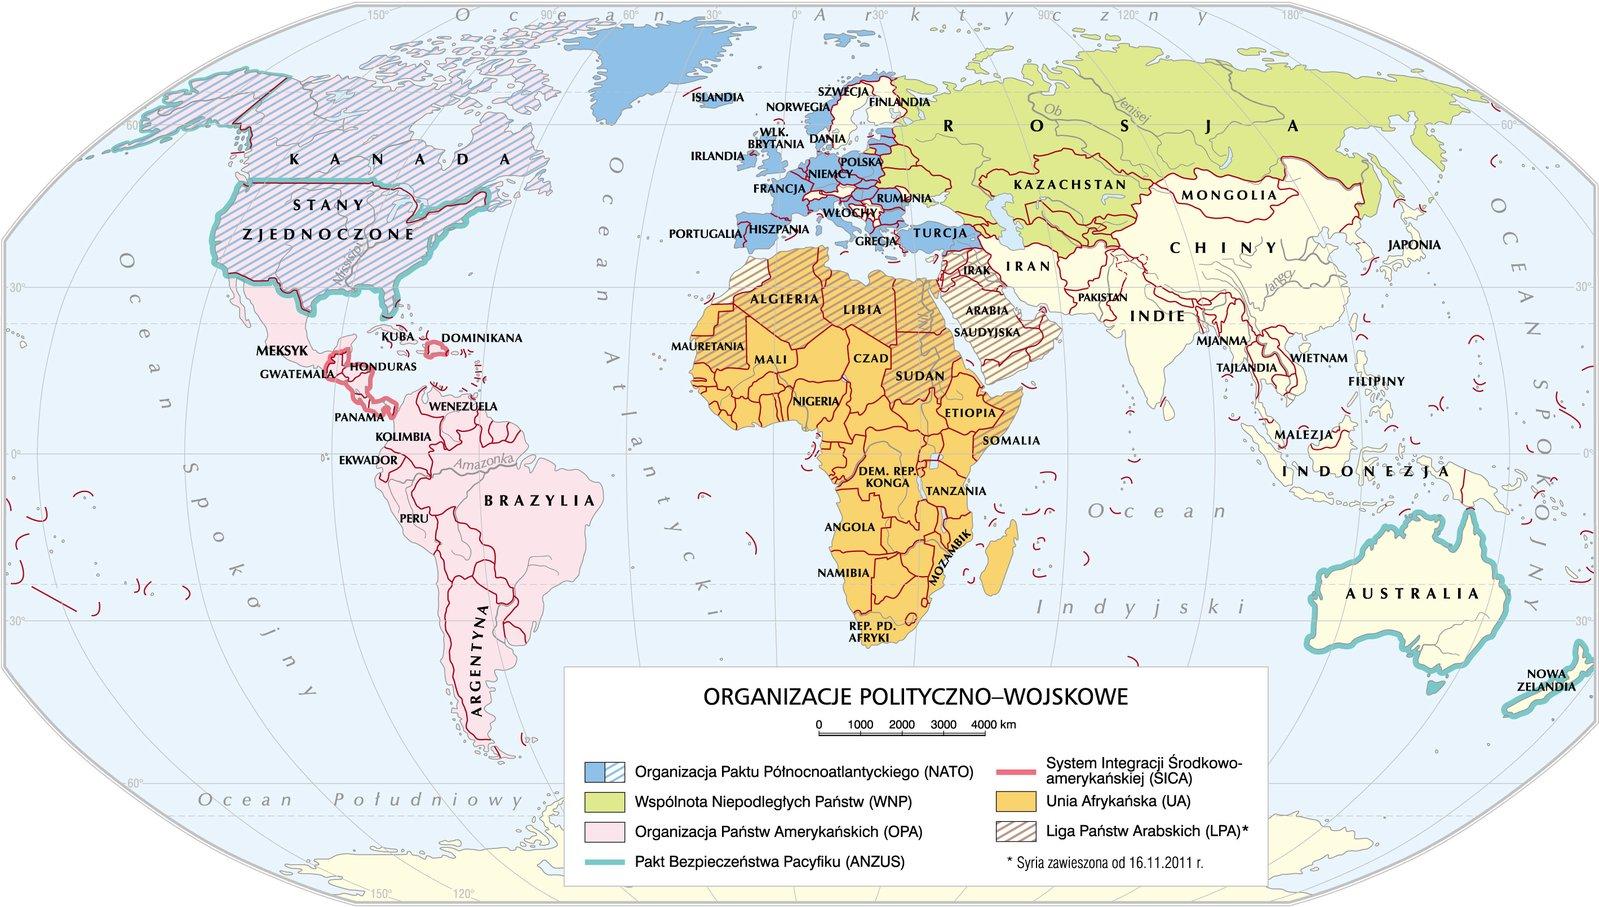 Organizacje polityczne iwojskowe